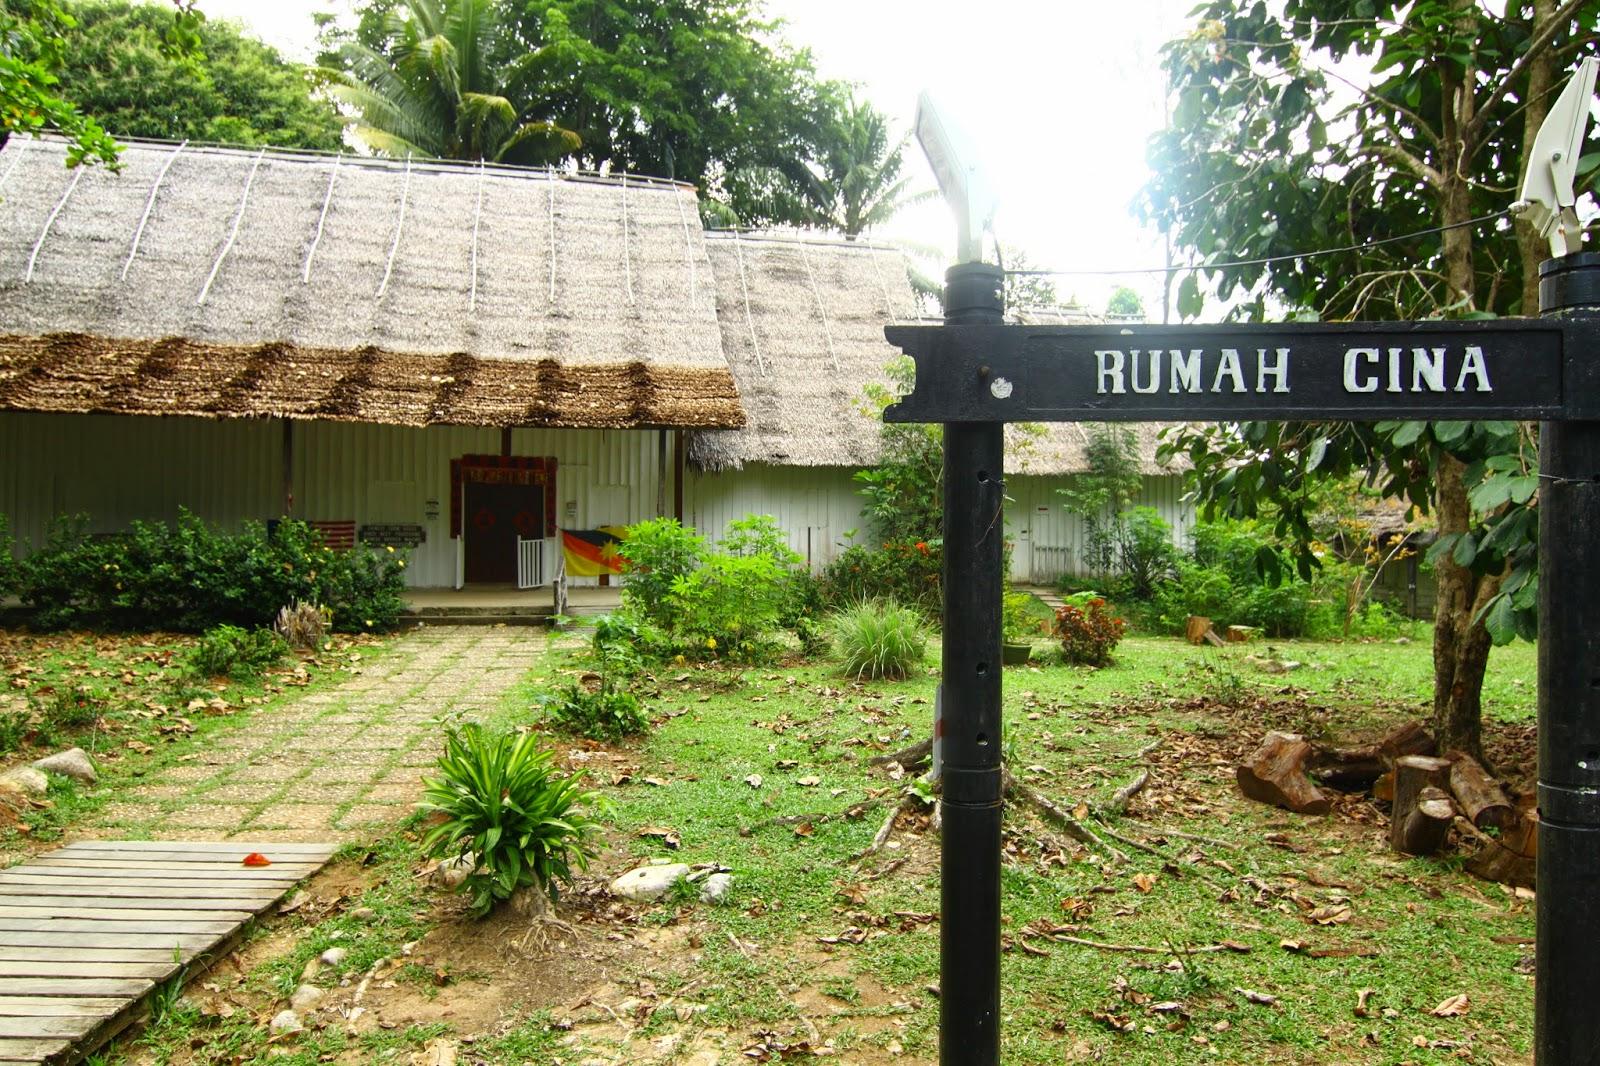 Rumah Cina Kampung Budaya Sarawak